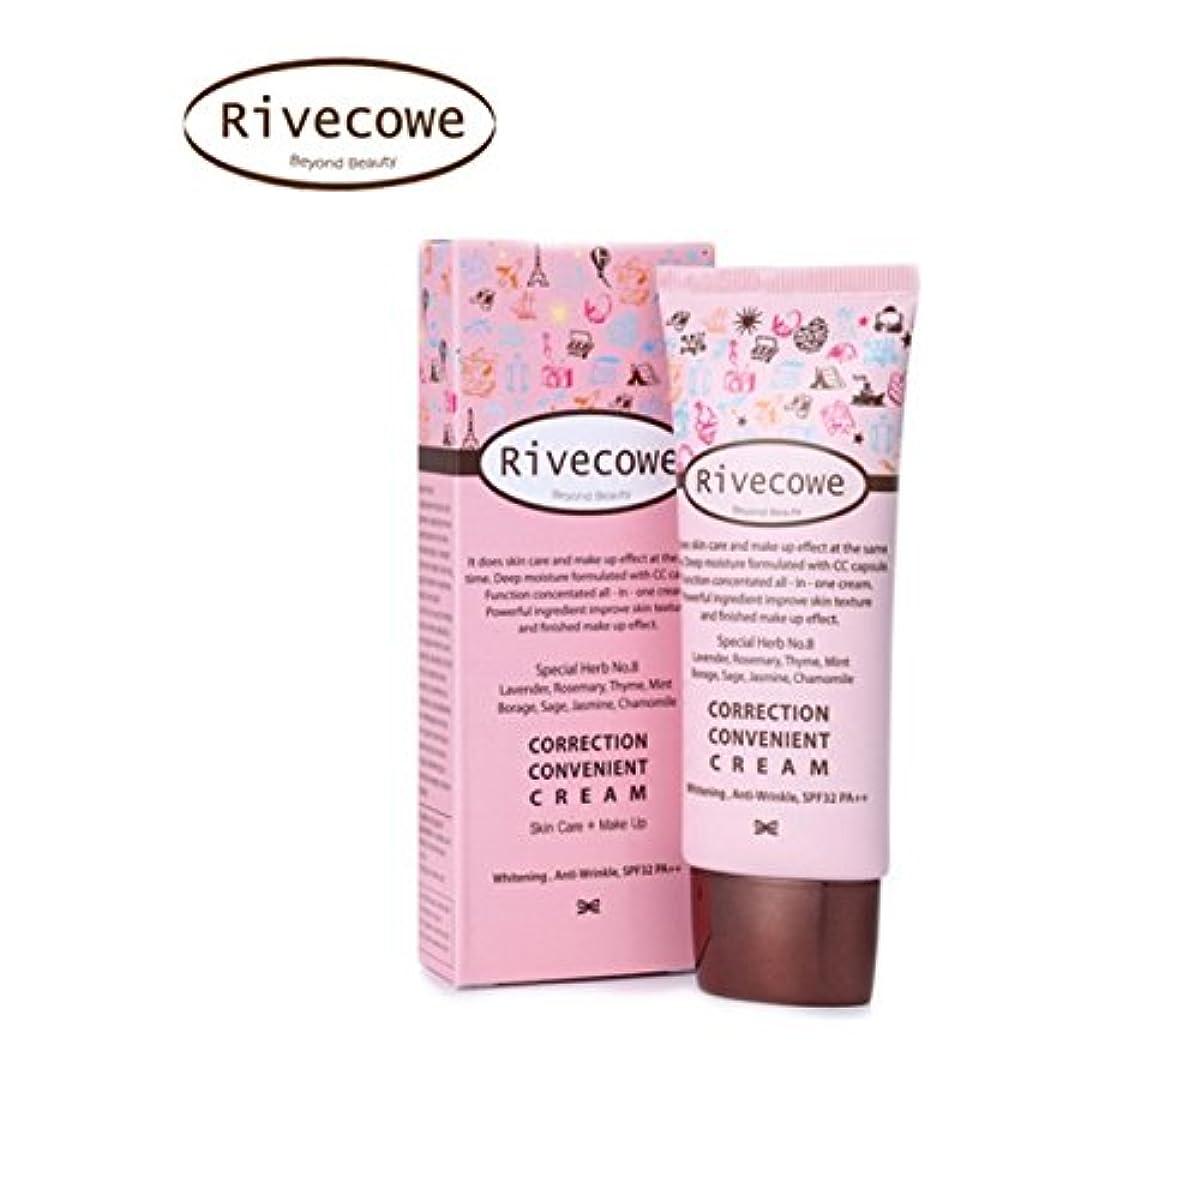 権限を与える日の出ハリケーンリヴコイ [韓国コスメ Rivecowe] CC クリーム (SPF32,PA++) 40ml(BB Skin Care+Makeup Foundation)/w Gift Sample [並行輸入品]